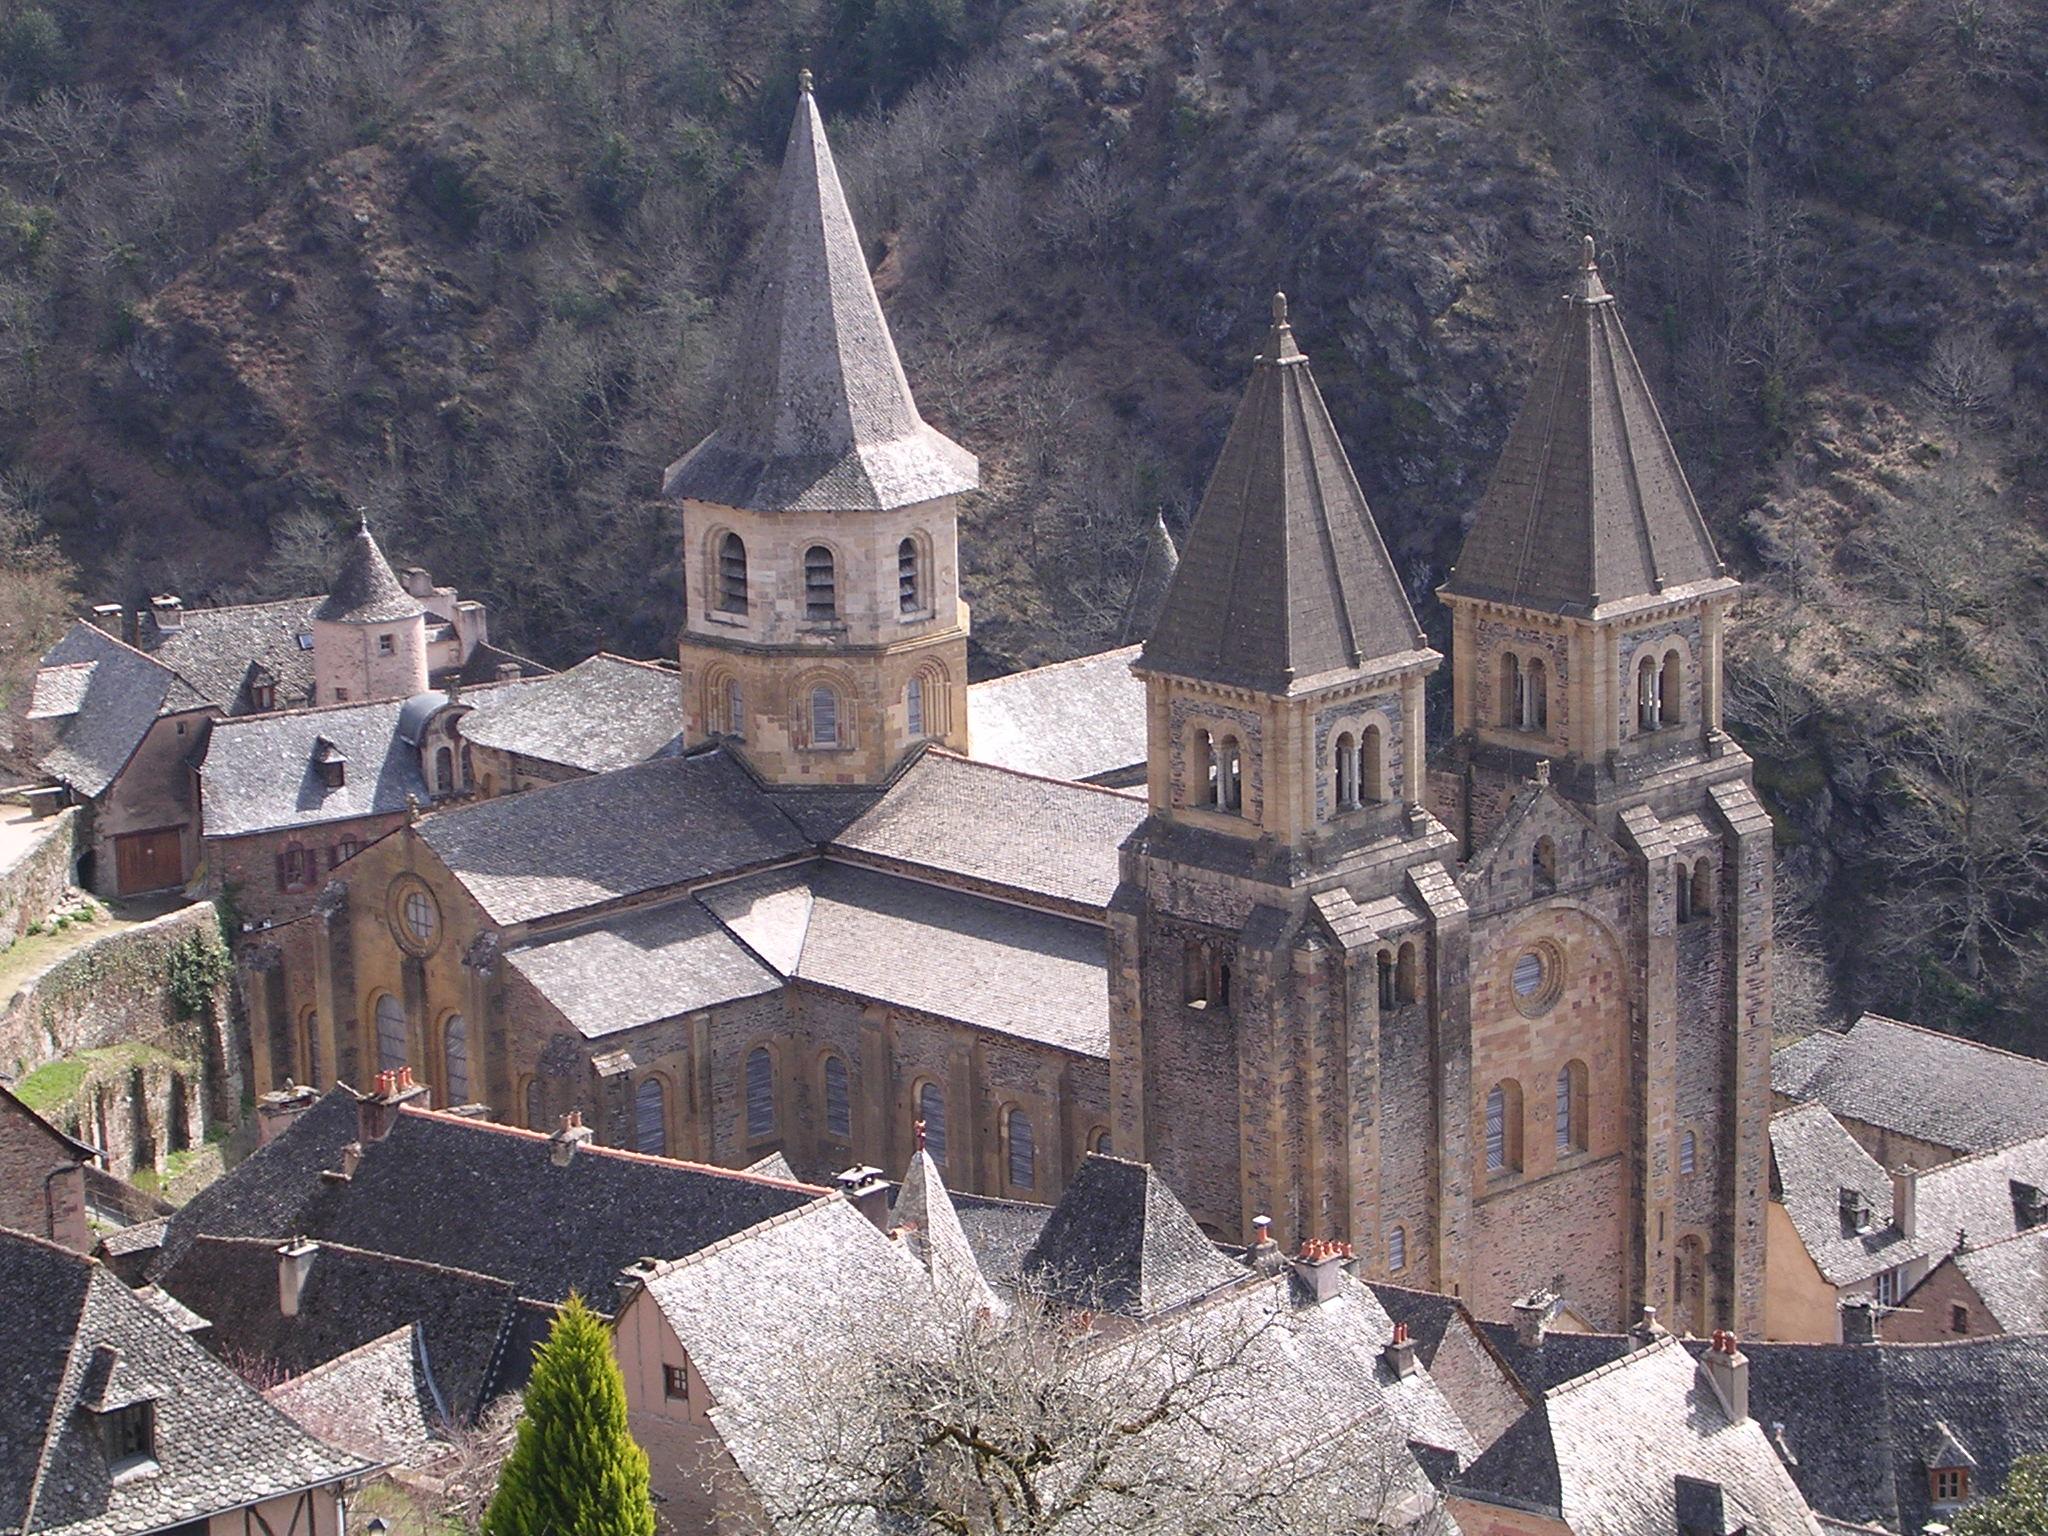 http://sumateologica.files.wordpress.com/2009/12/sainte-foy_de_conques.jpg